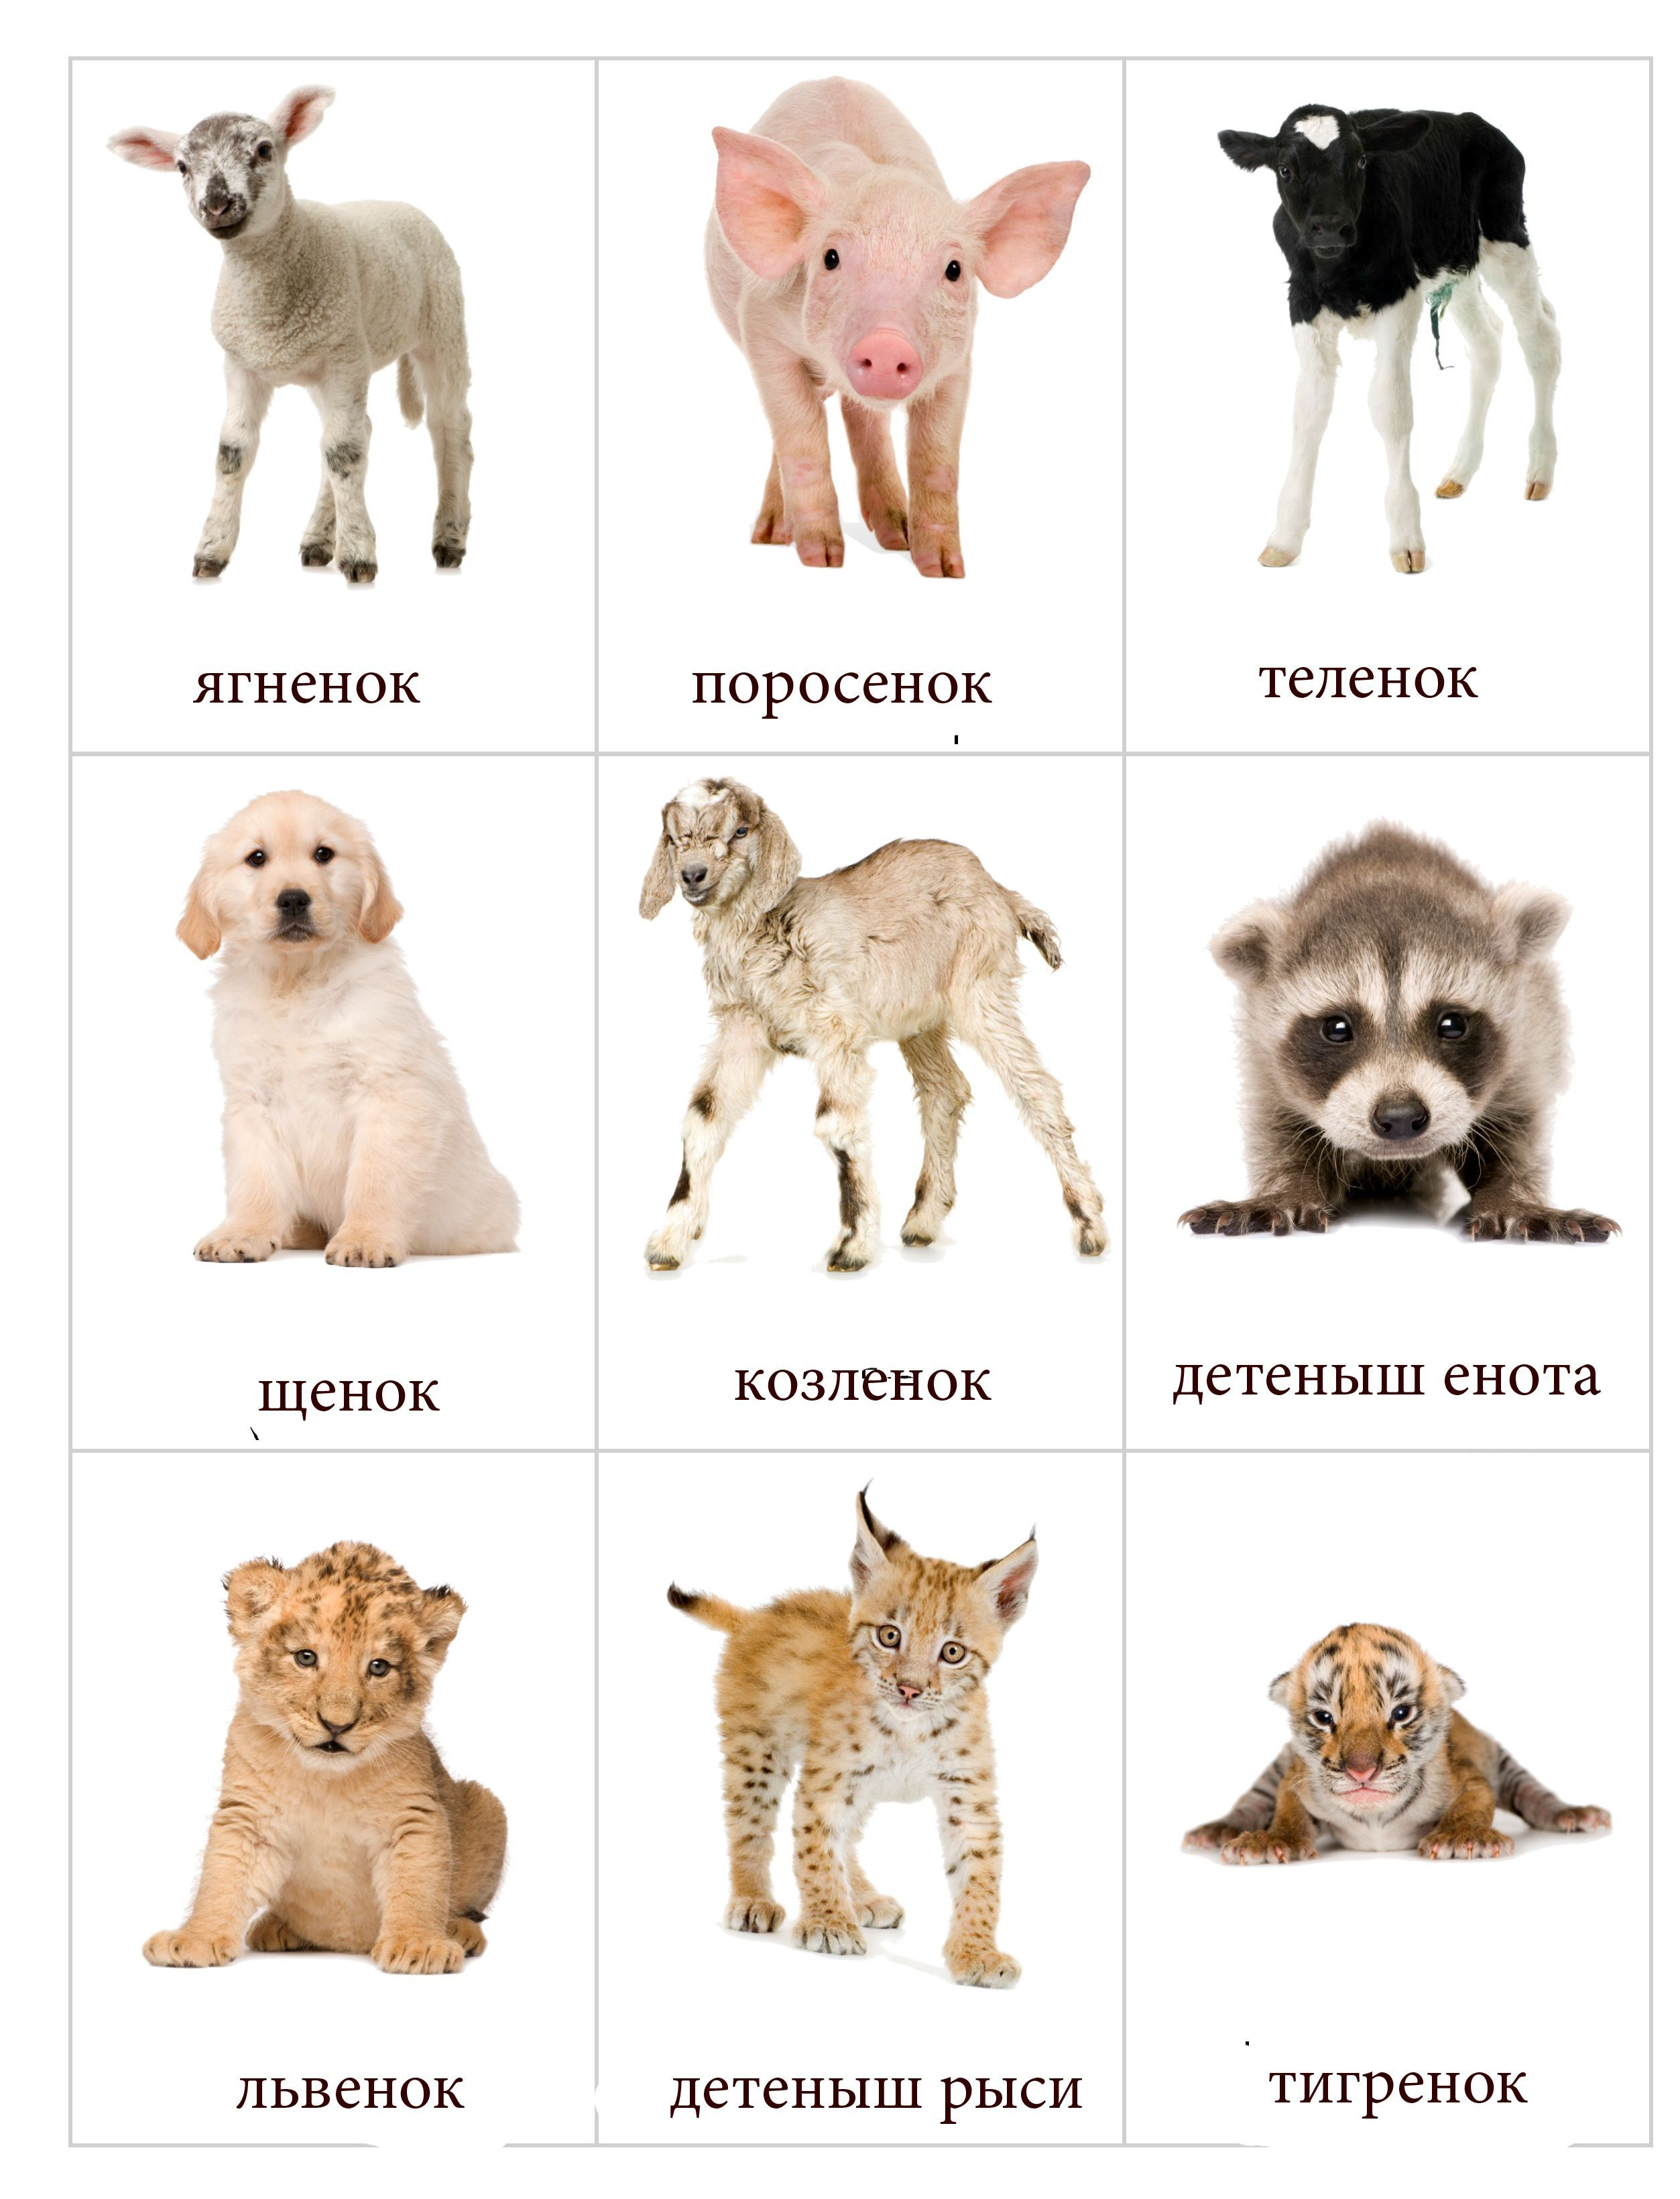 Найди животное на фотографии » RadioNetPlus.ru развлекательный портал | 3280x2506